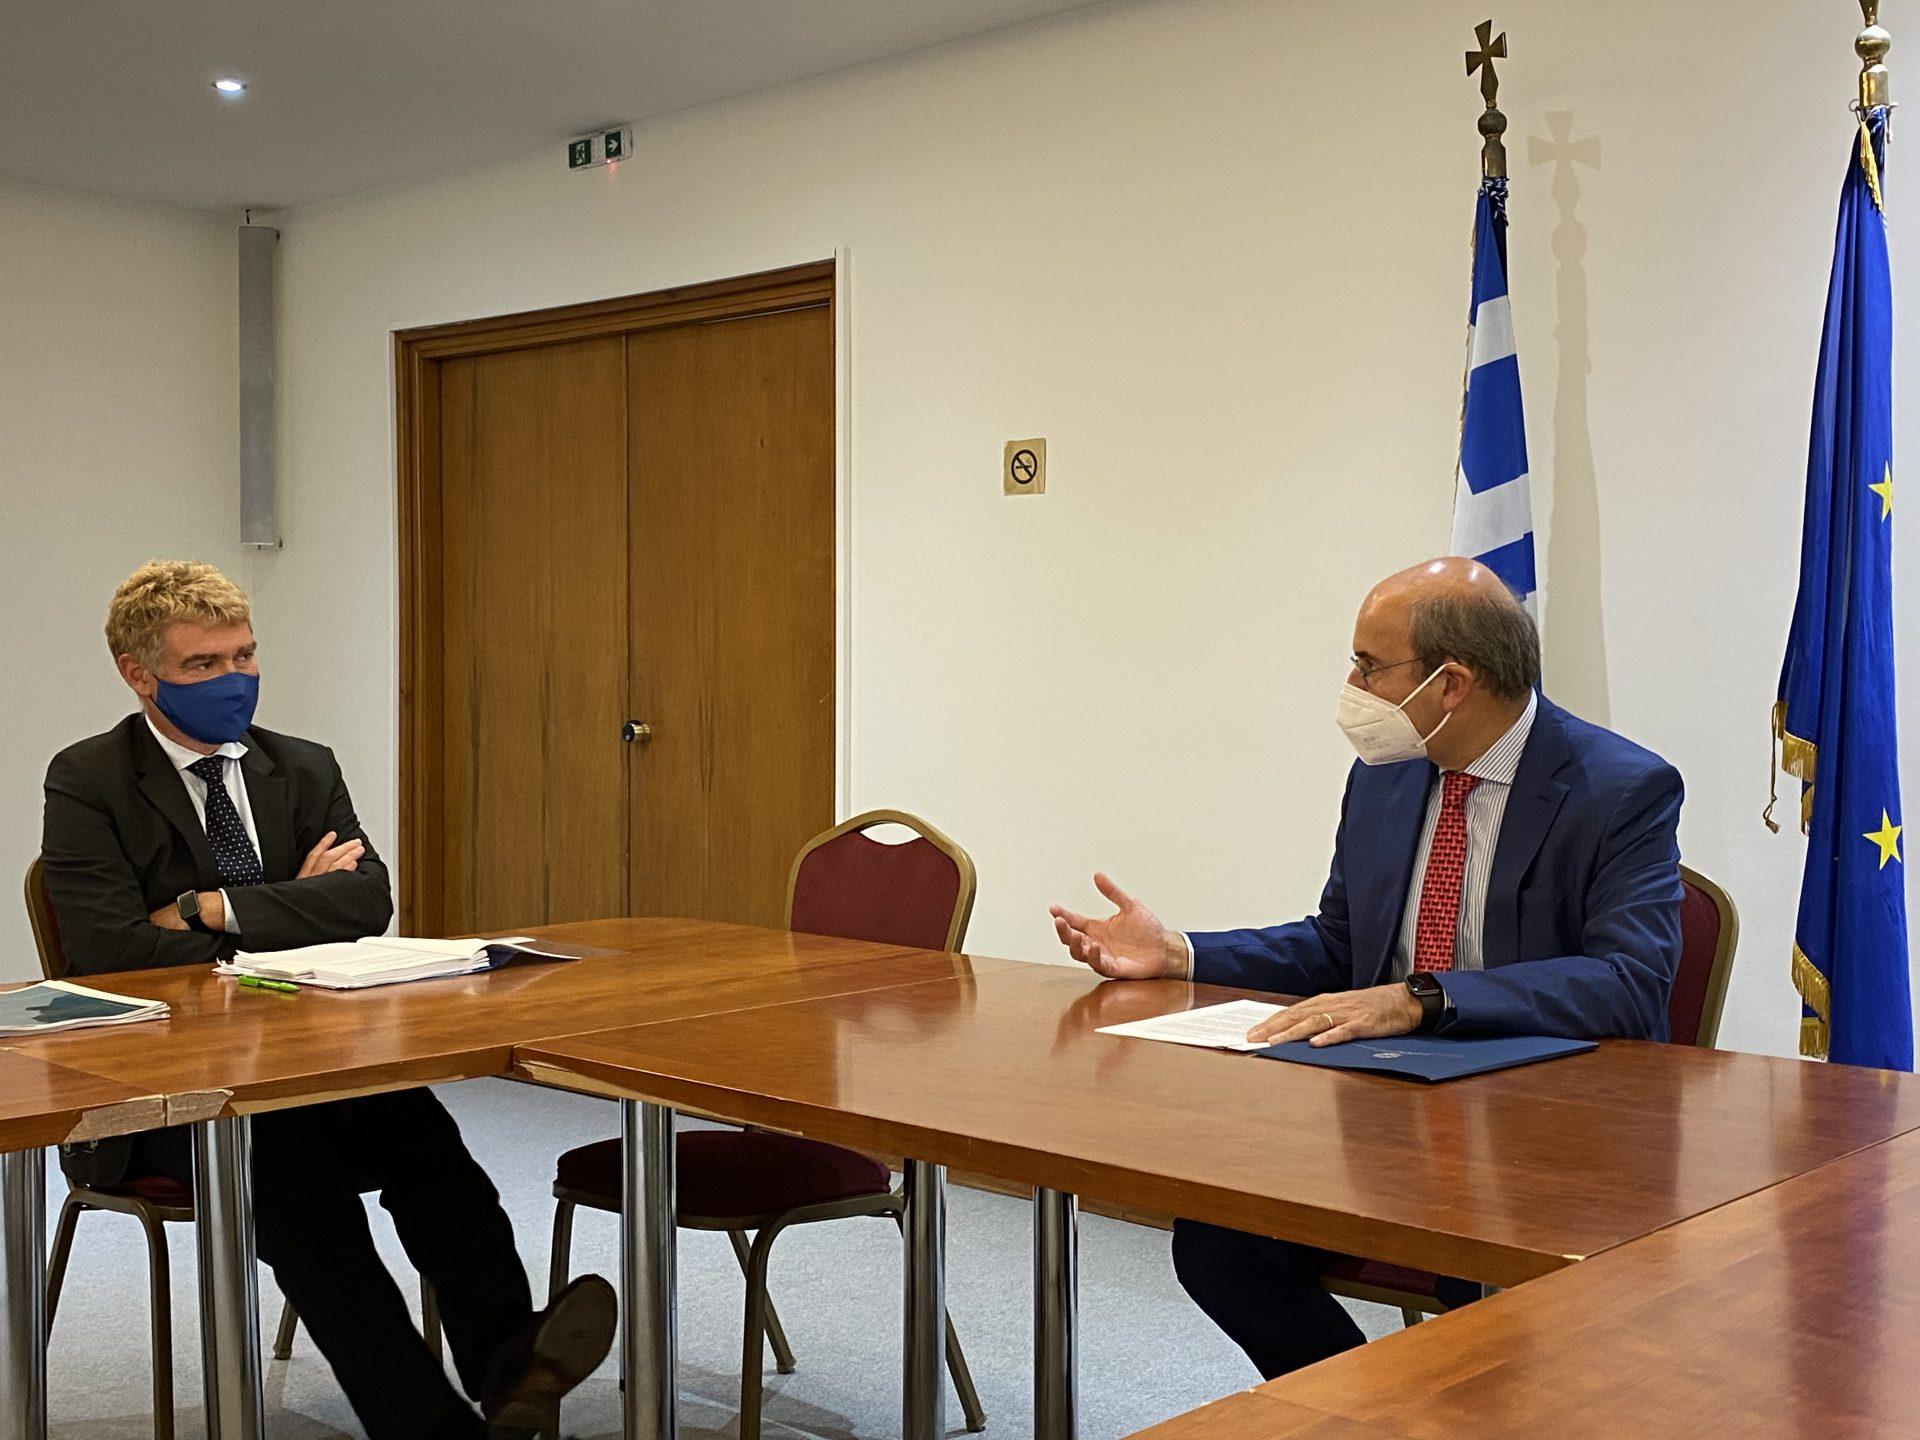 Συνάντηση Χατζηδάκη με τον γενικό διευθυντή Στήριξης Διαρθρωτικών Μεταρρυθμίσεων Νάβα